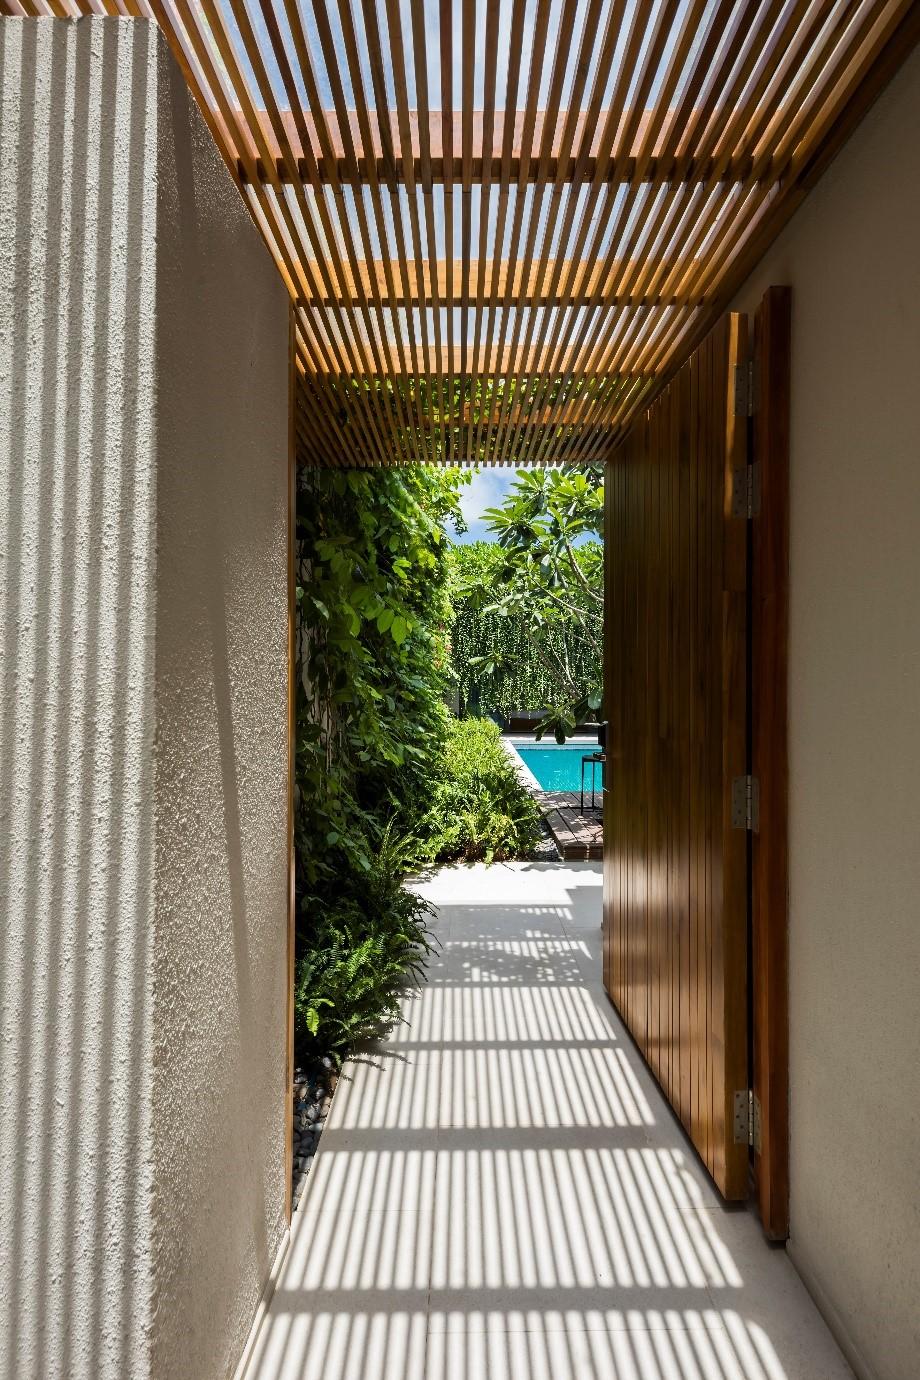 Wyndham Phú Quốc mang đến phong cách nghỉ dưỡng biệt lập đẳng cấp 5 sao ngay trung tâm Bãi Trường sôi động. Ảnh: Nam Group.